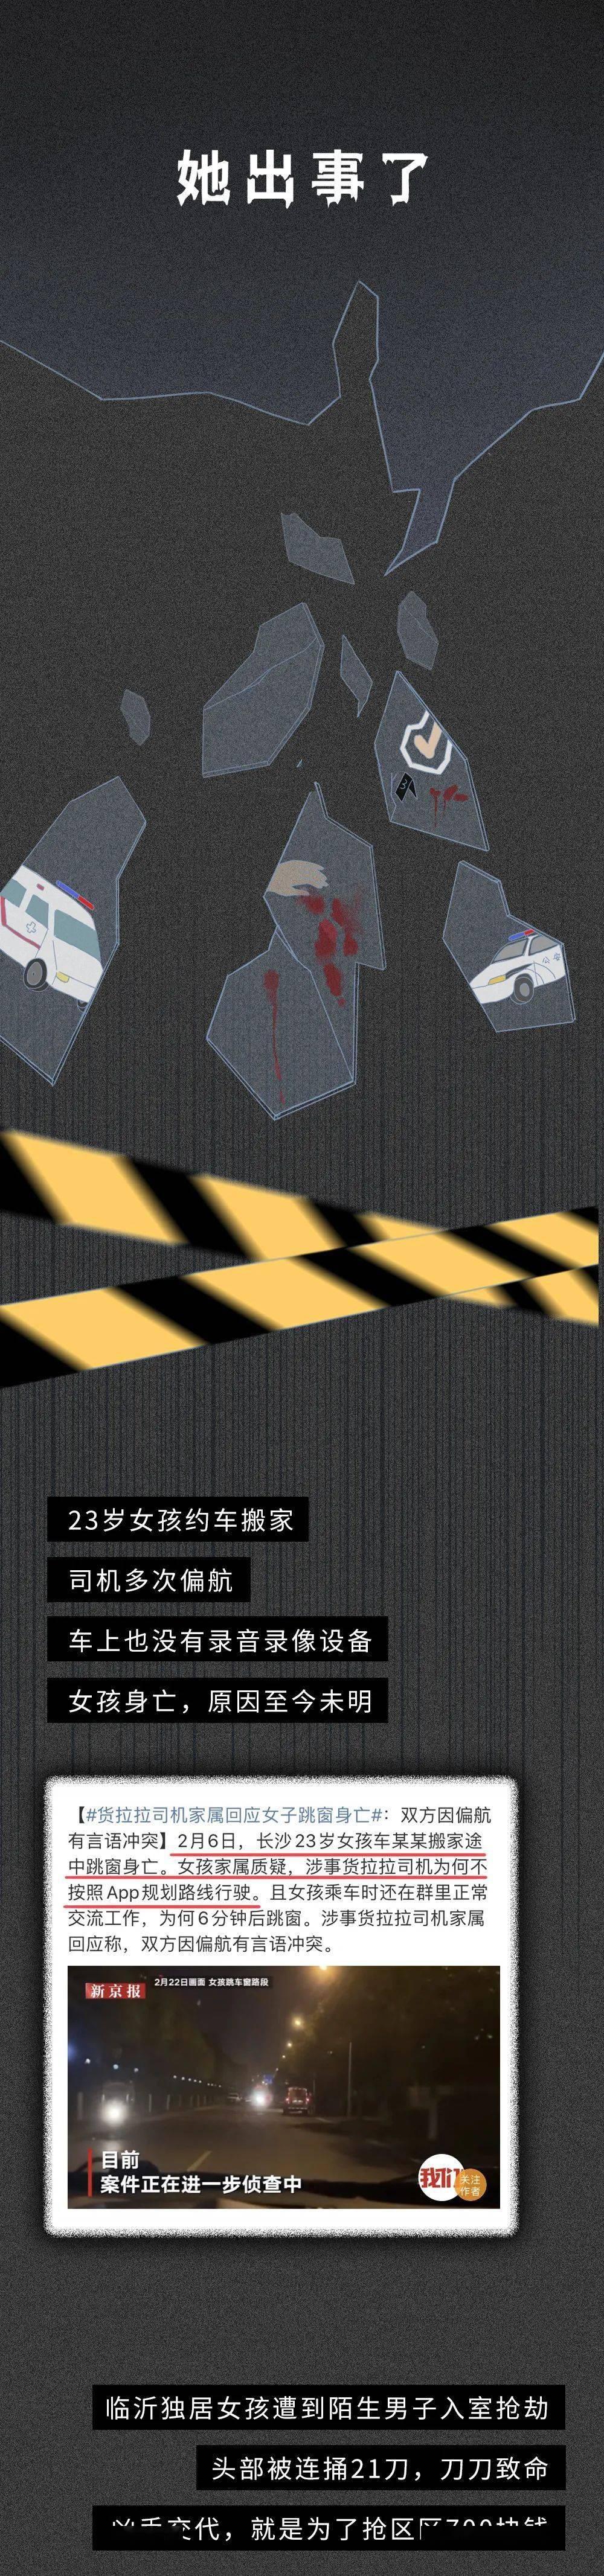 拉菲8登录注册-首页【1.1.9】